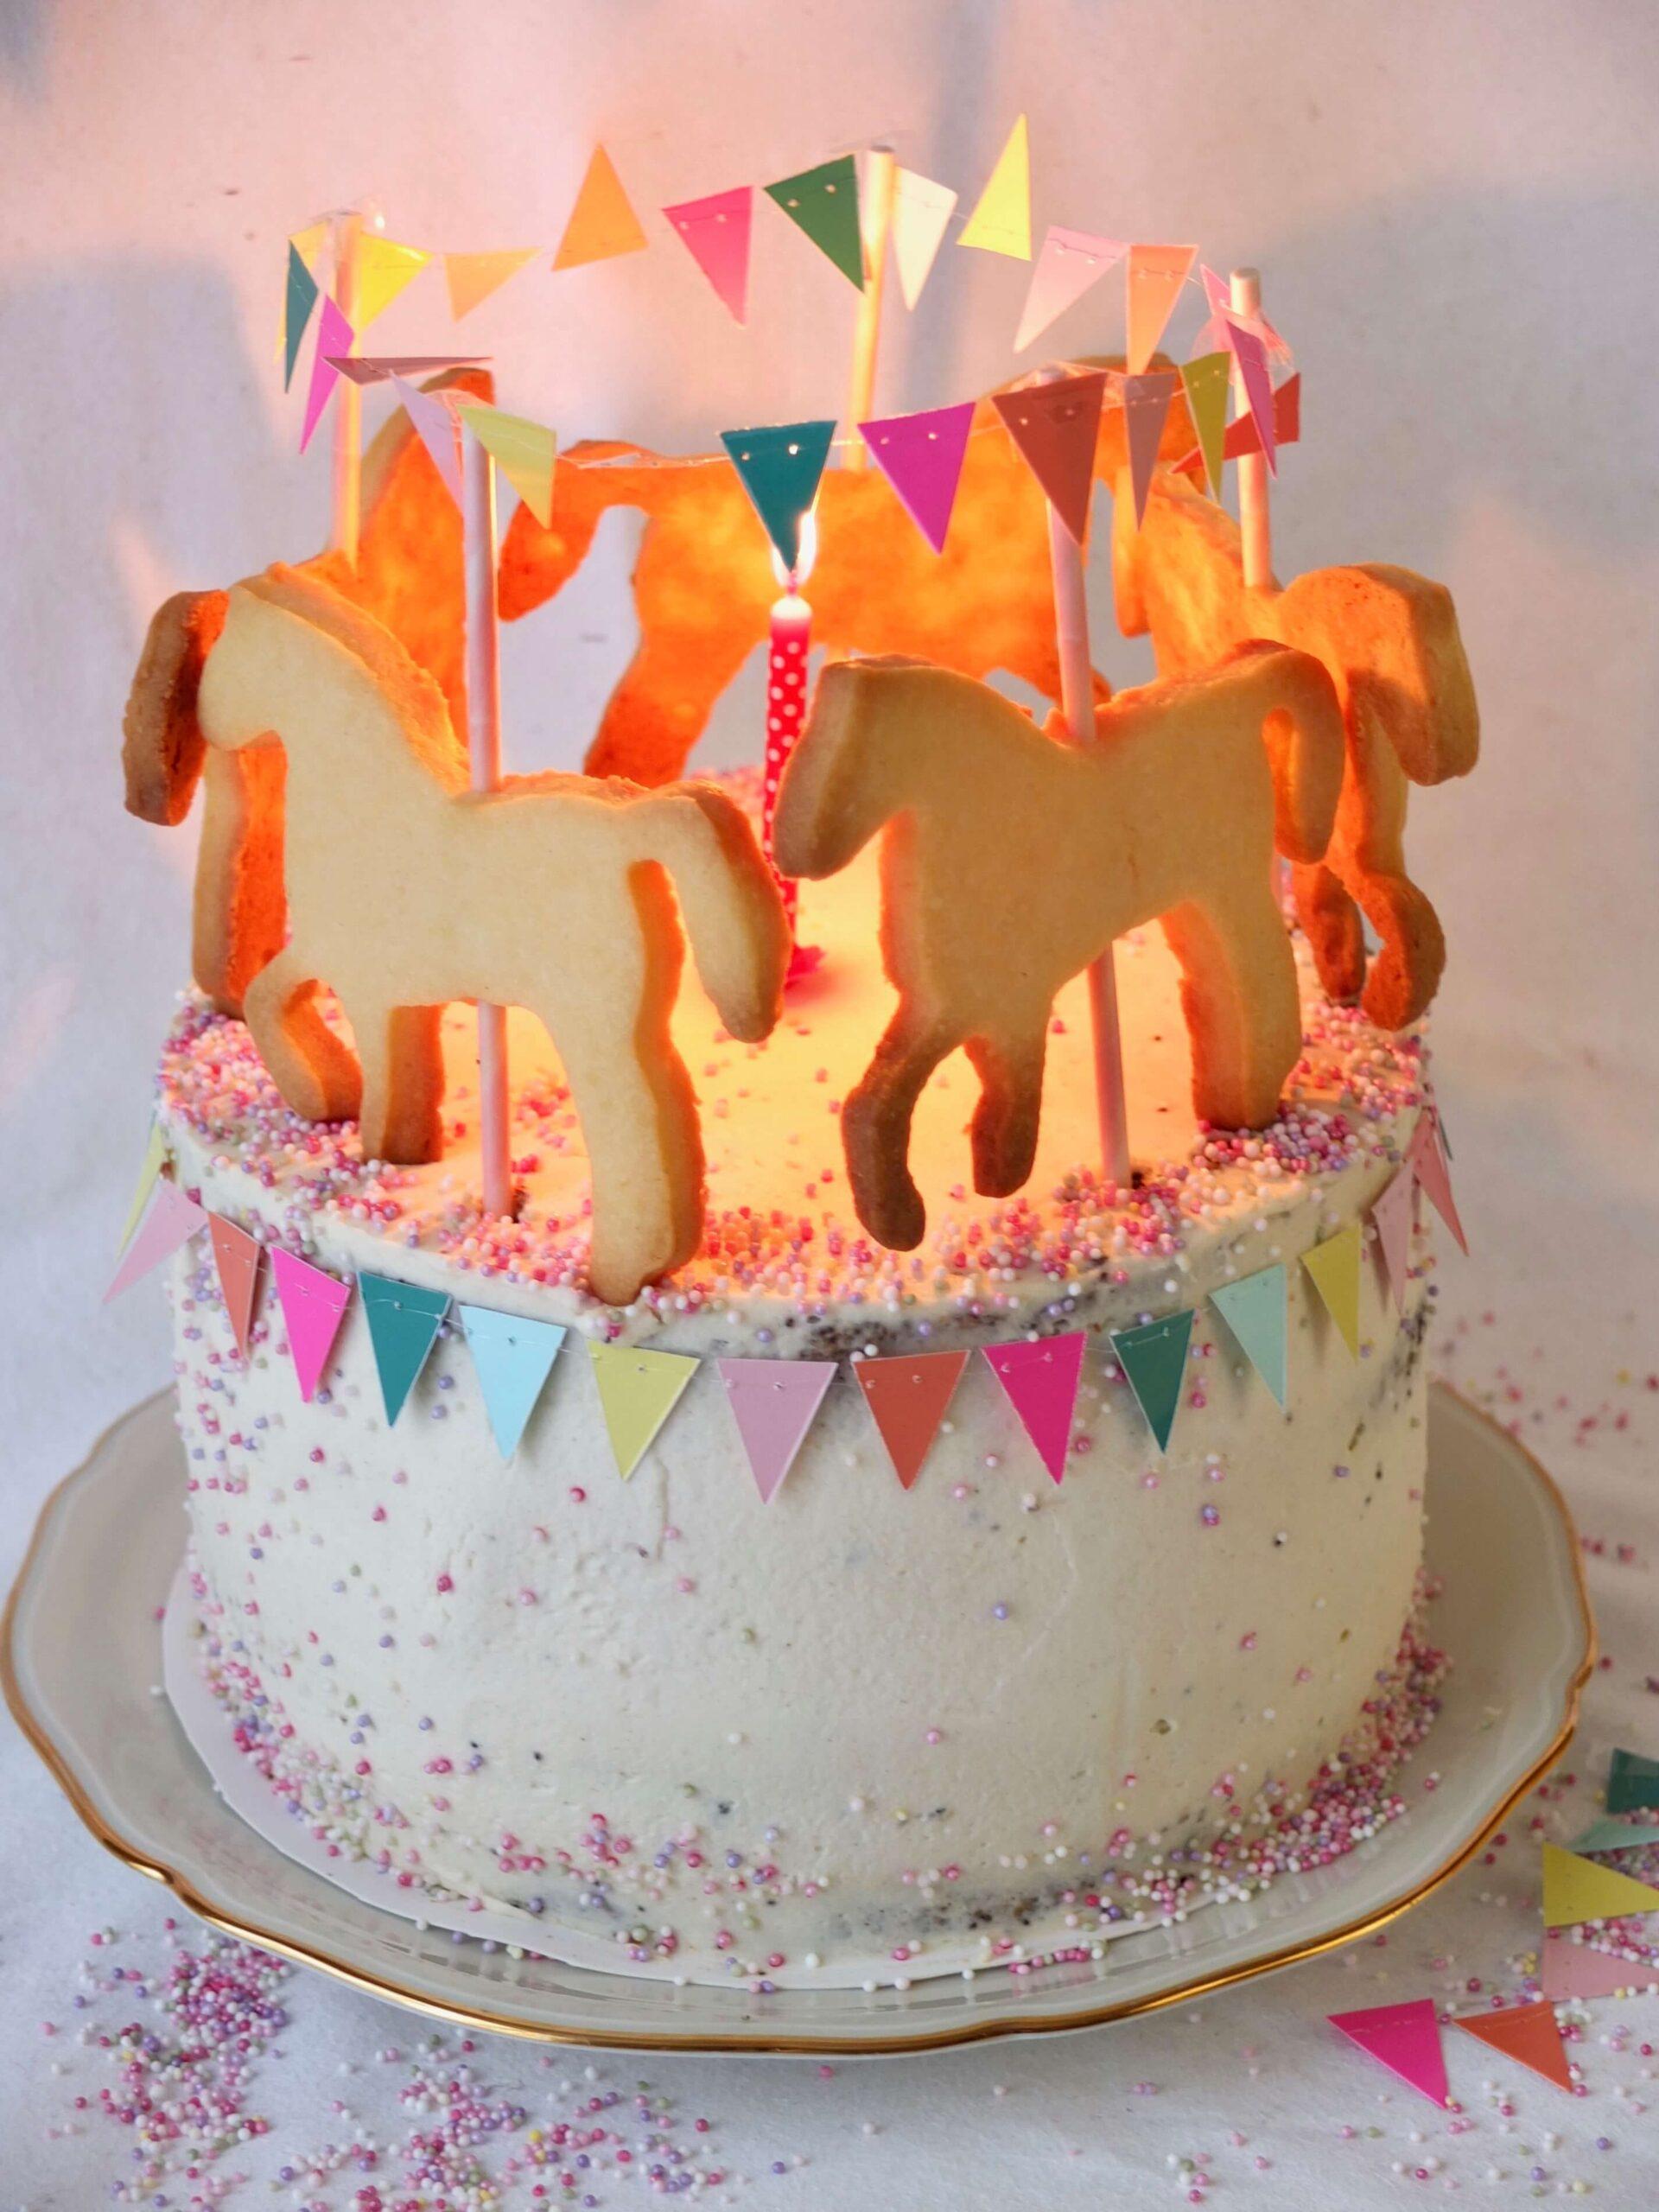 Full Size of Küchenkarussell Karussell Torte Mit Pferdchen Saftige Mohntorte Pfirsich Wohnzimmer Küchenkarussell